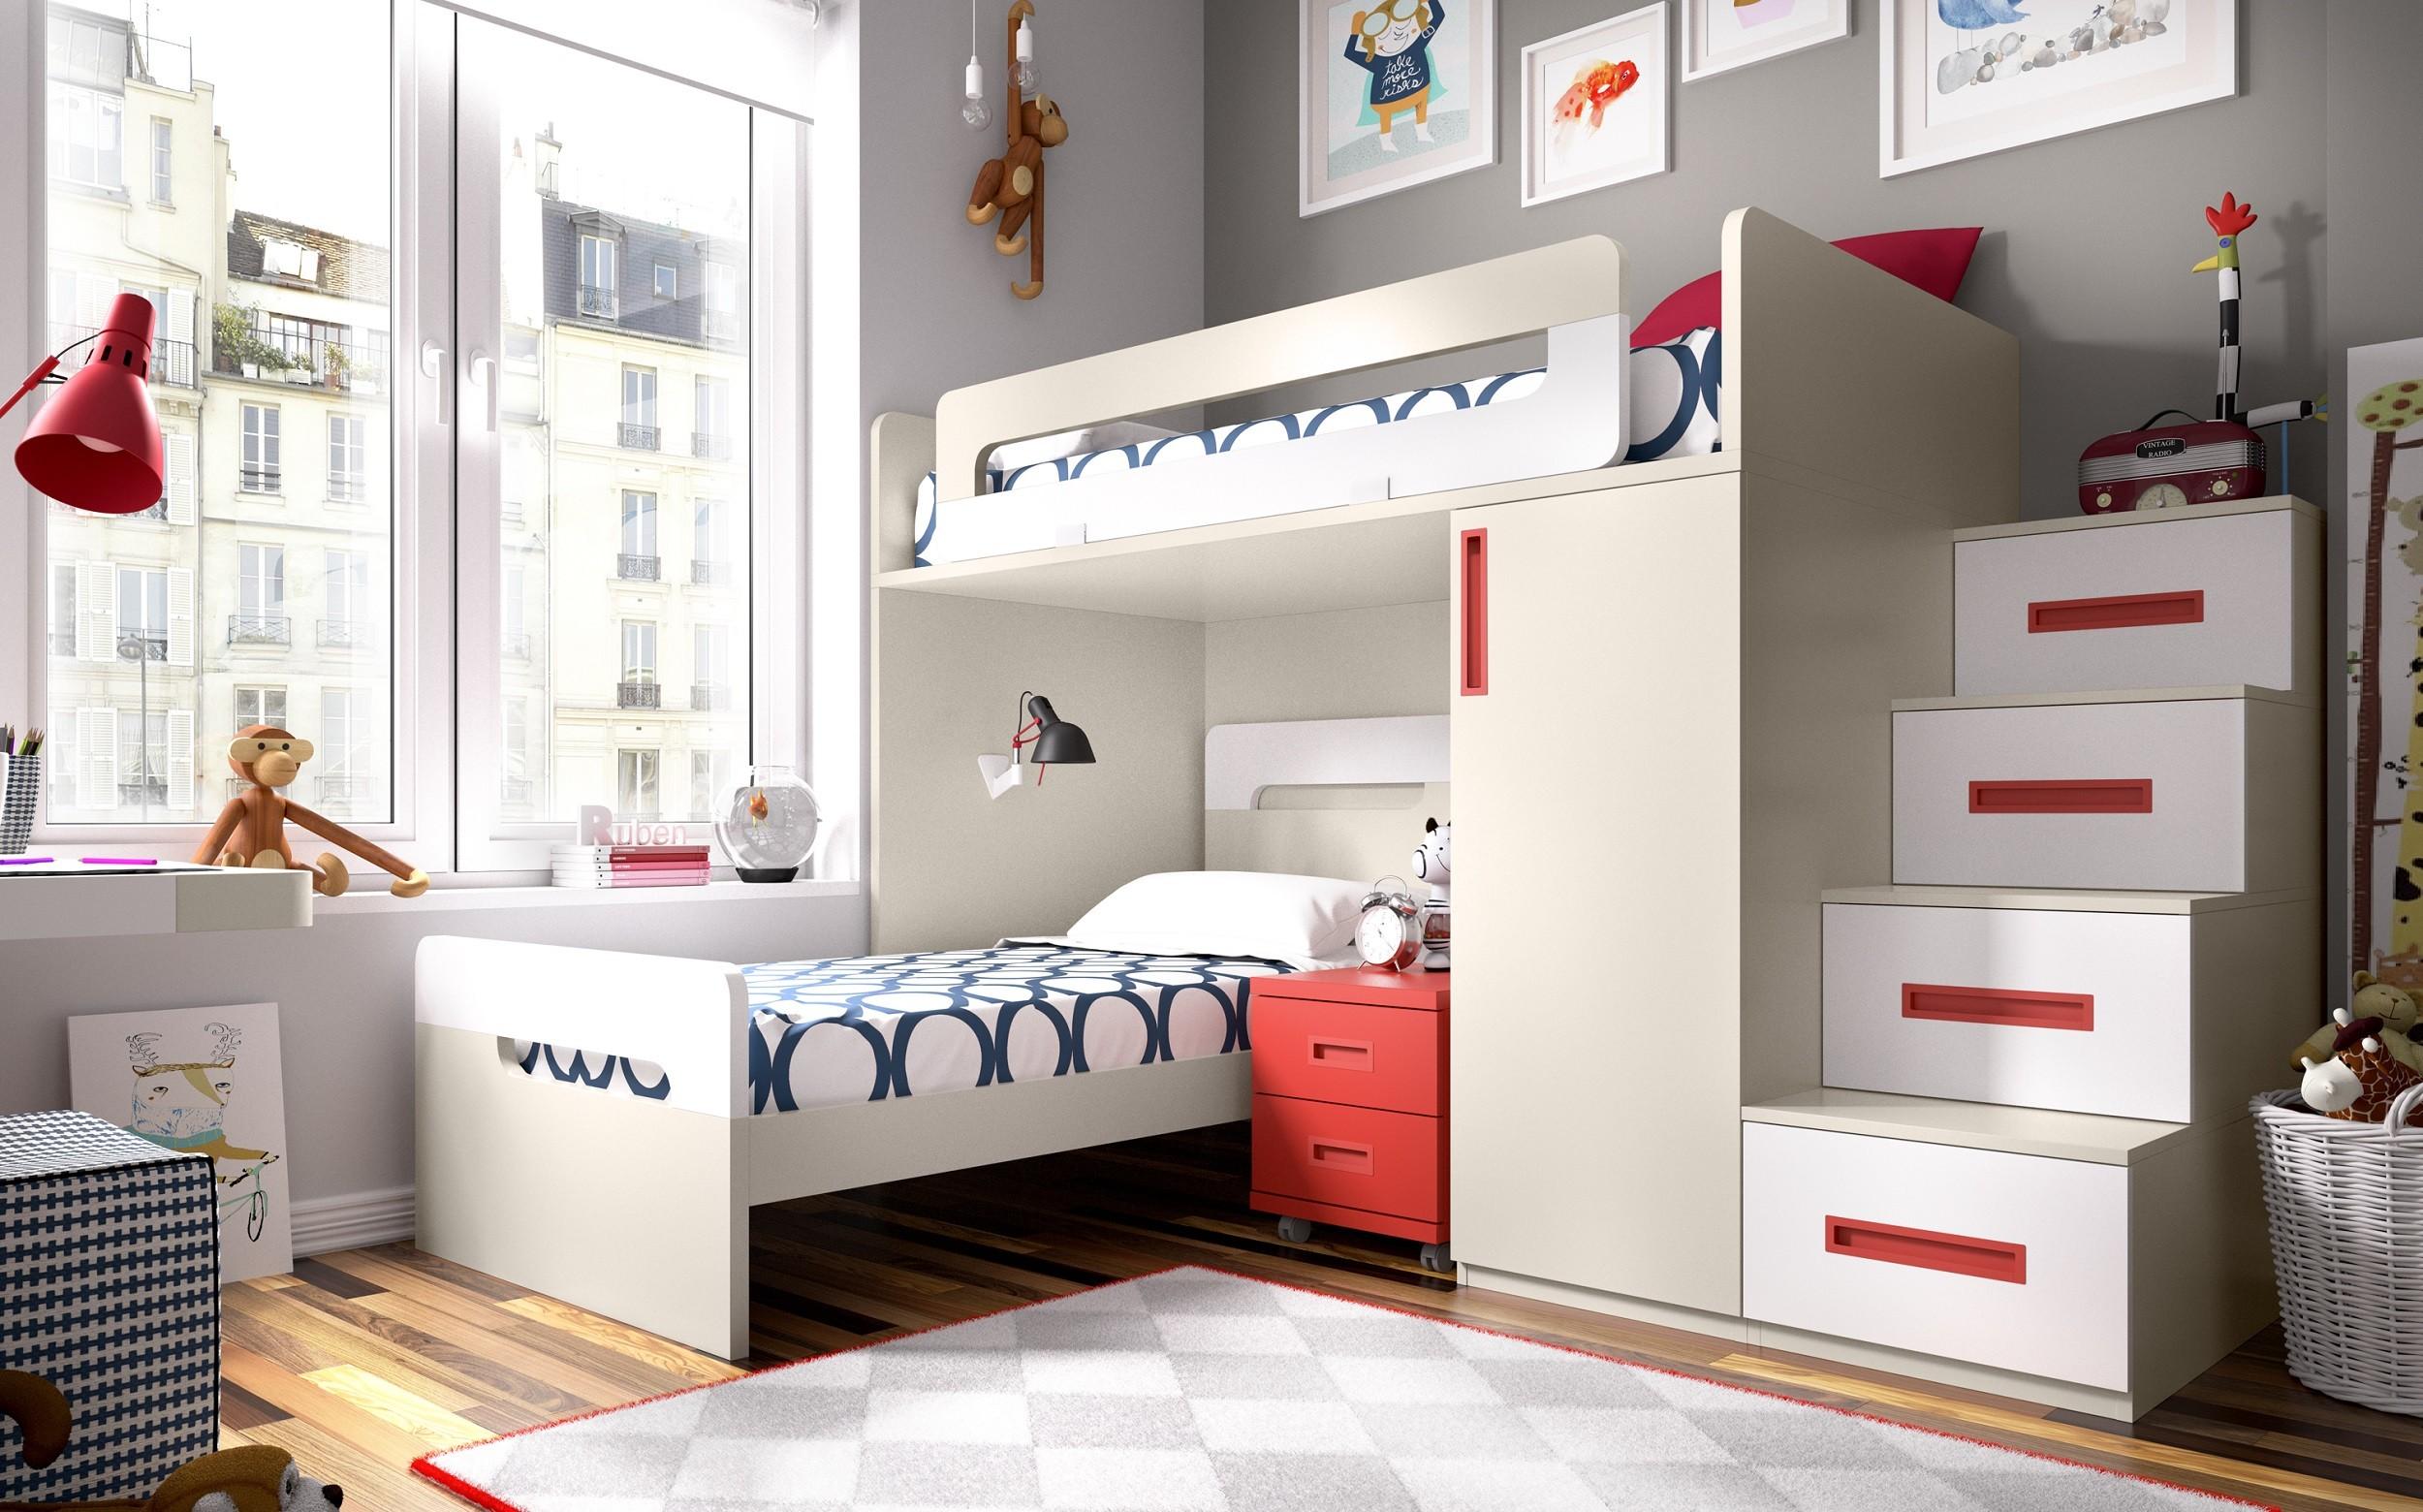 Full Size of Hochbett Kinderzimmer Jump 321 Und Jugendzimmer Sets Regal Sofa Weiß Regale Kinderzimmer Kinderzimmer Hochbett